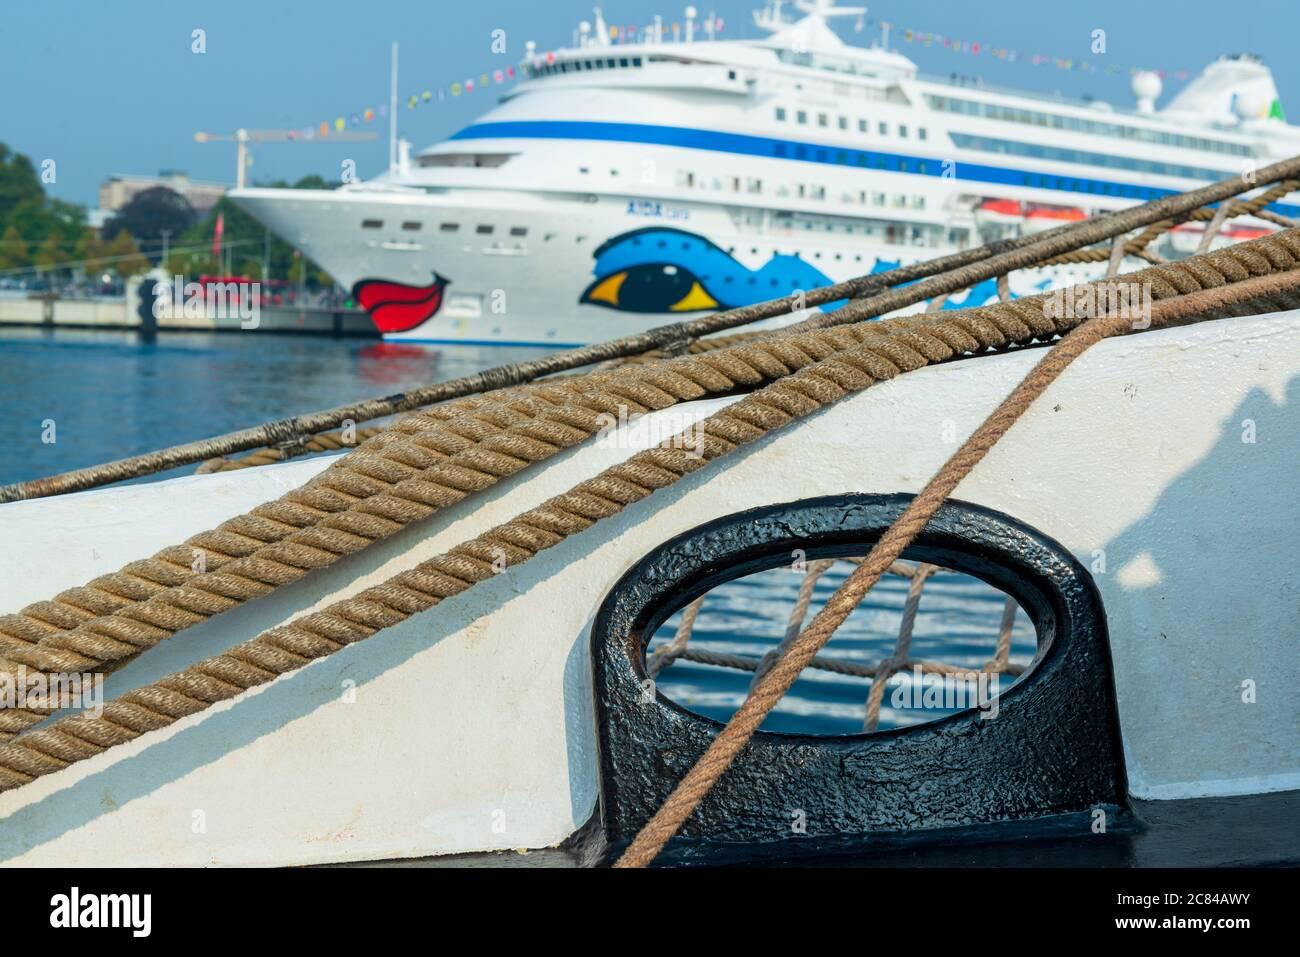 Festmacherklüse eines Segelschiffes, im Hintergrund AIDA cara am Ostseekai in Kiel Stock Photo